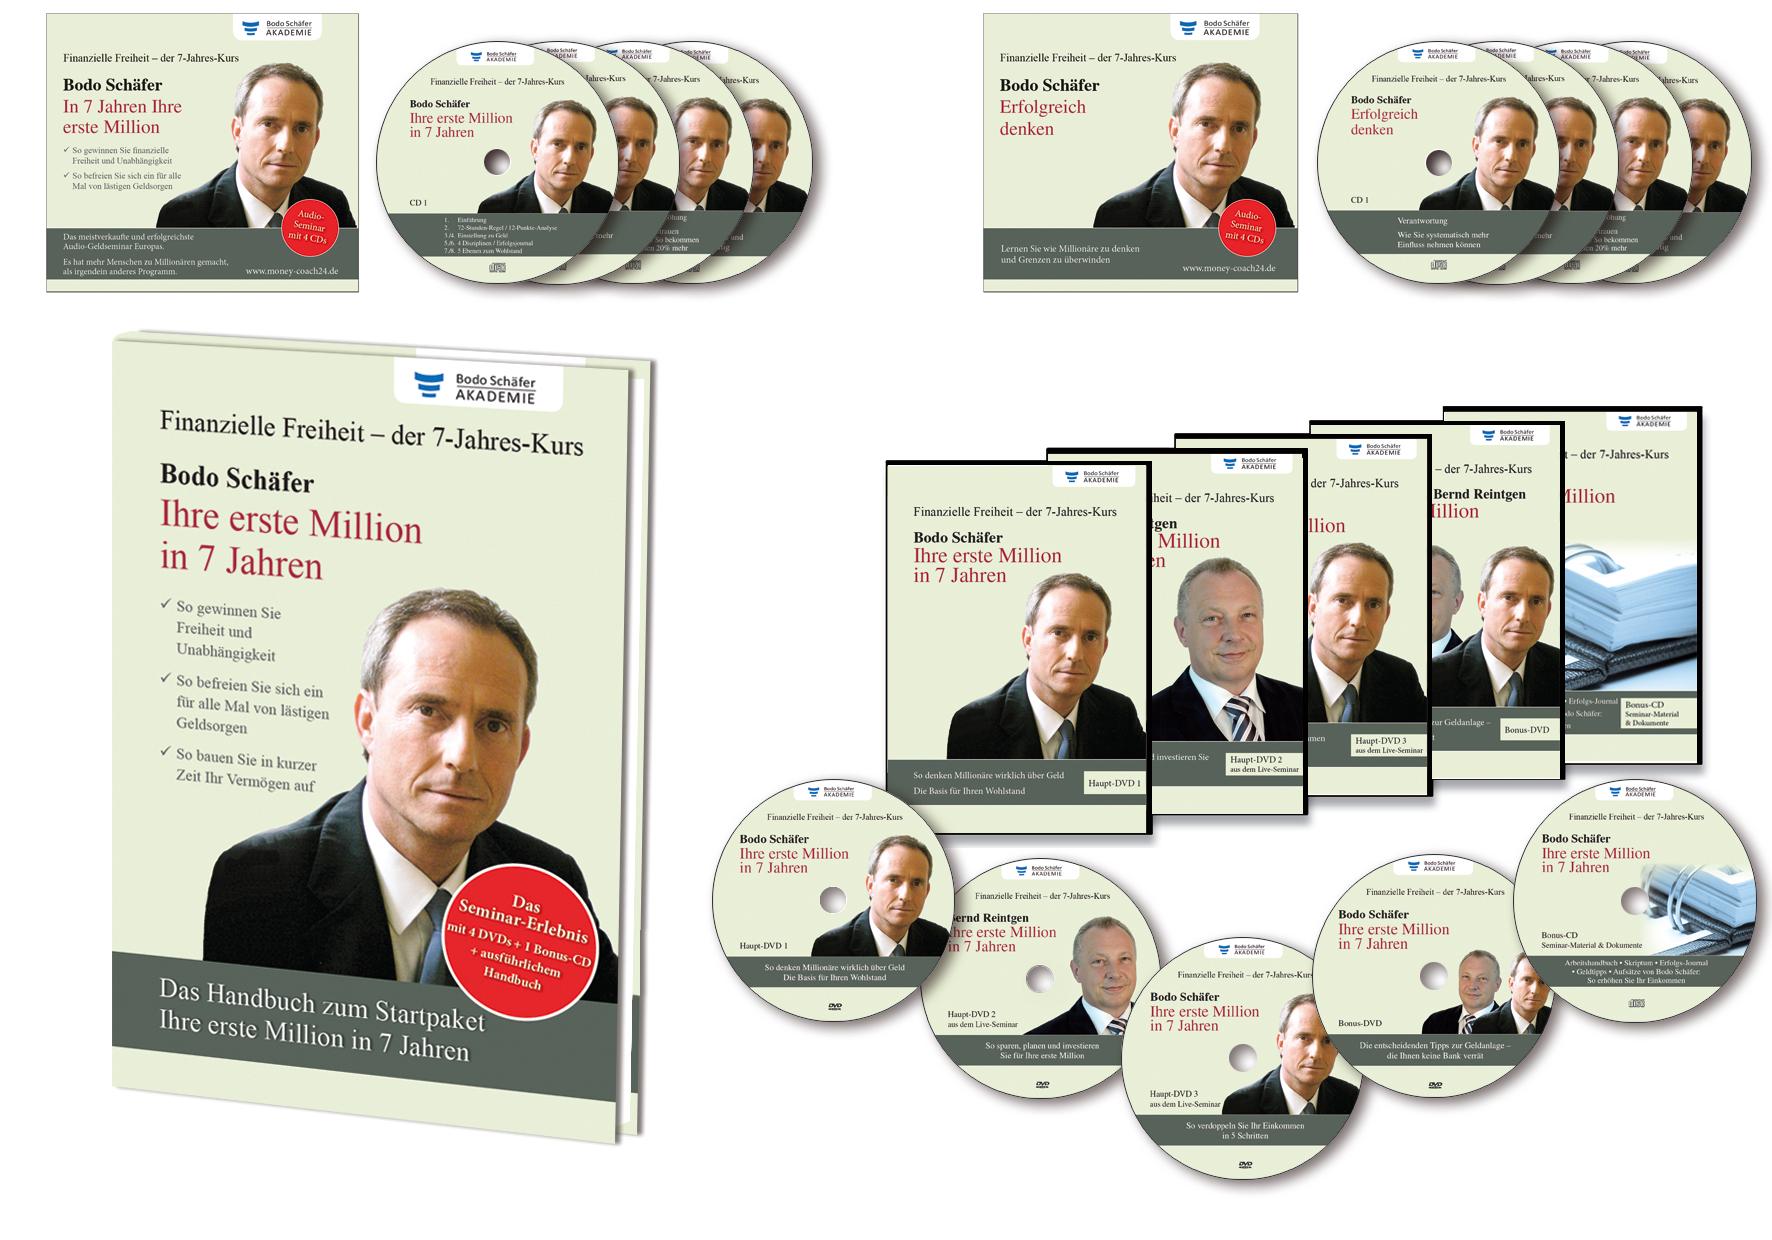 DVD-Set: In 7 Jahren Ihre erste Million